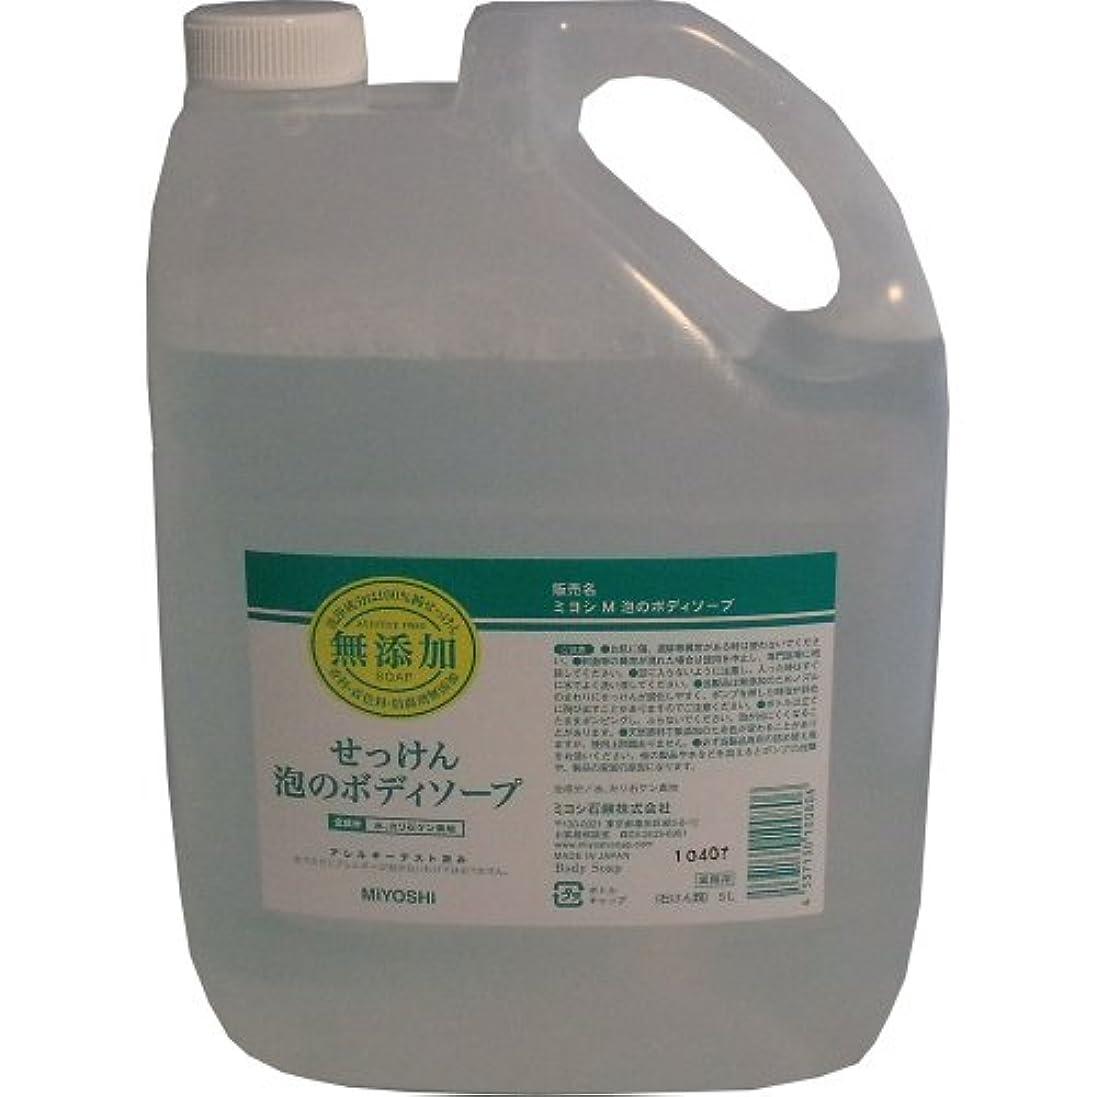 くるくる軽蔑ワイド合成界面活性剤はもちろん、香料、防腐剤、着色料などは一切加えていません!無添加せっけん 業務用 泡のボディソープ 詰替用 5L【4個セット】